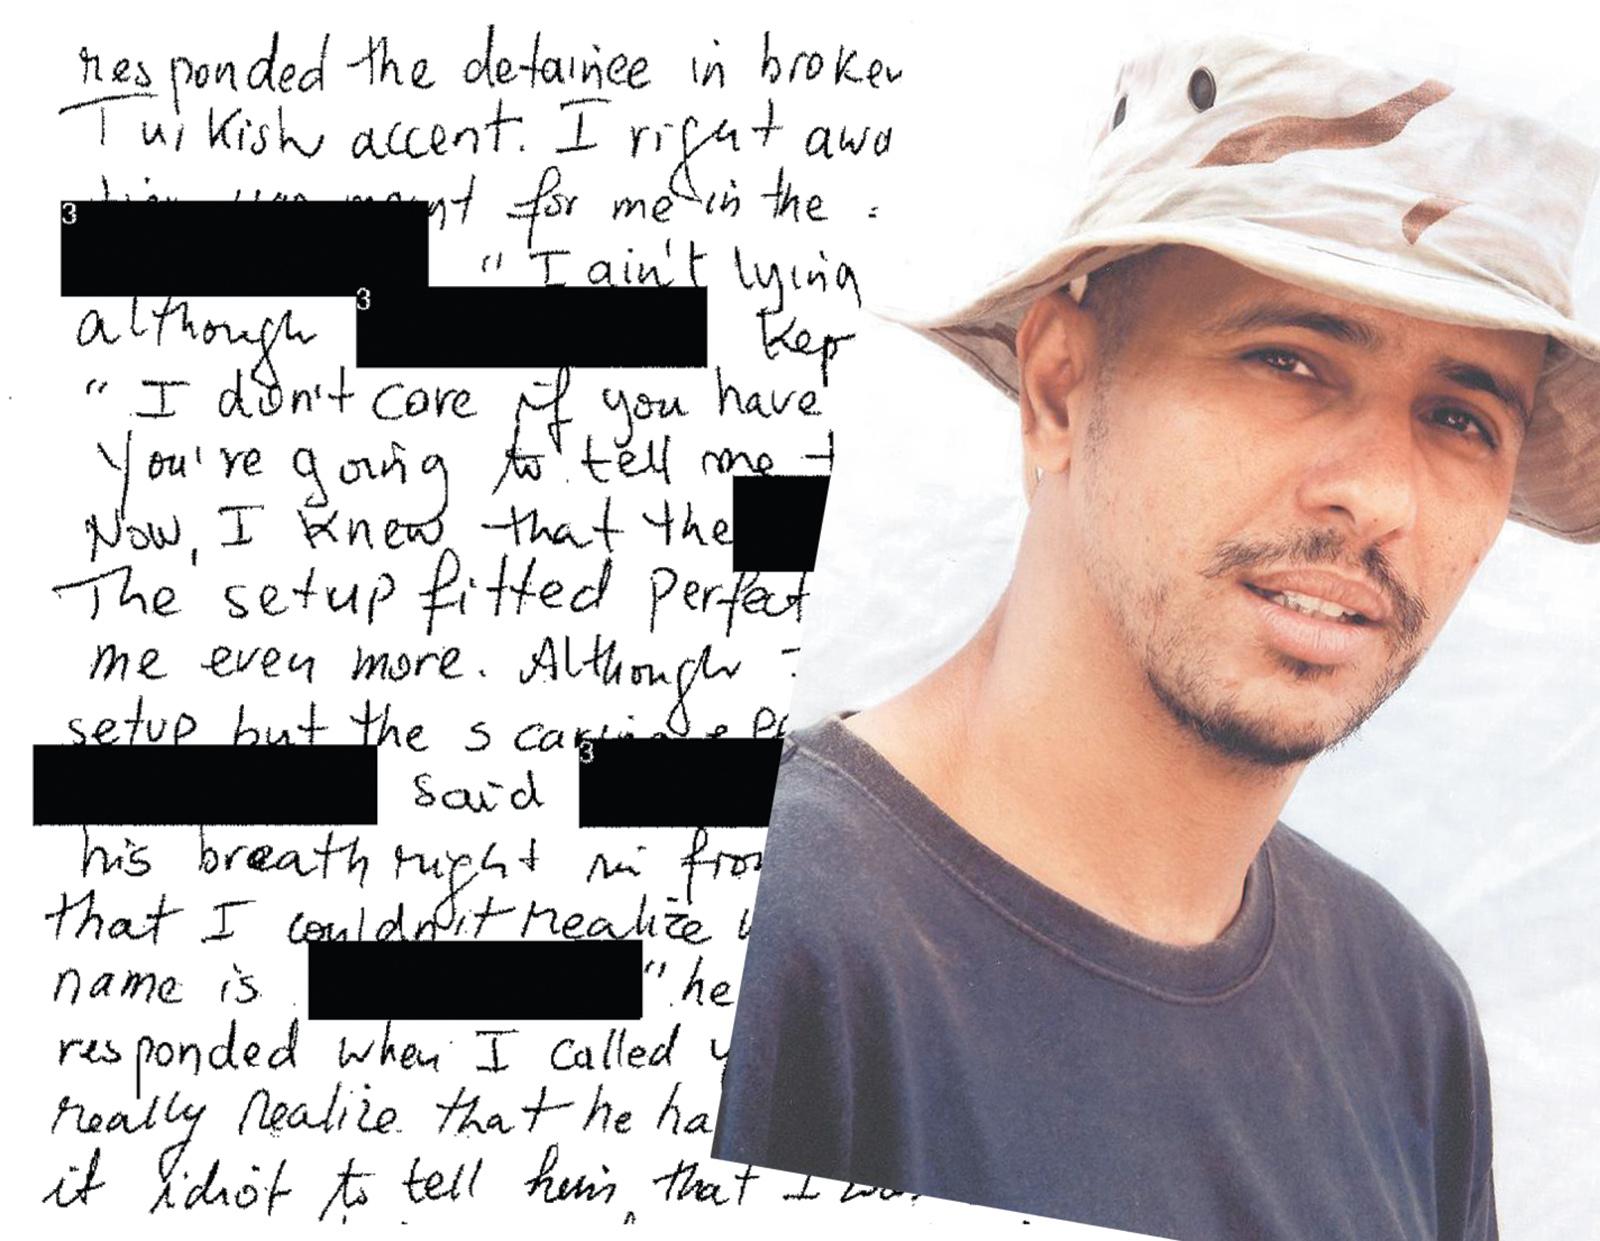 Mauritanie : un ex-détenu à Guantanamo, privé de ses papiers d'état civil